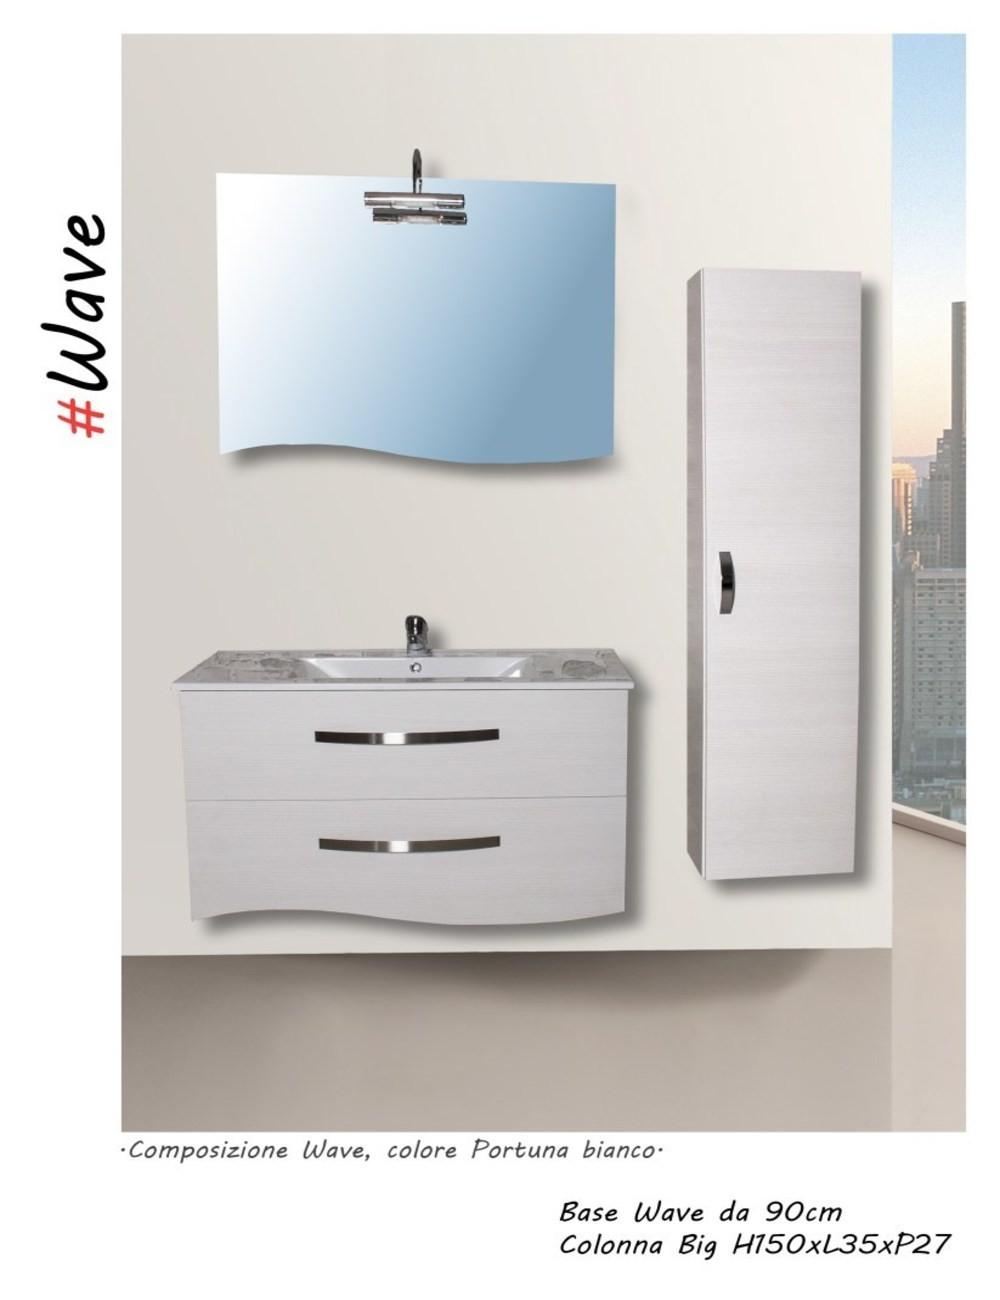 Mobile bagno wave 90 centimetri nobilitato laminato disponibile colore mobile portuna bianco - Mobile bagno laminato ...